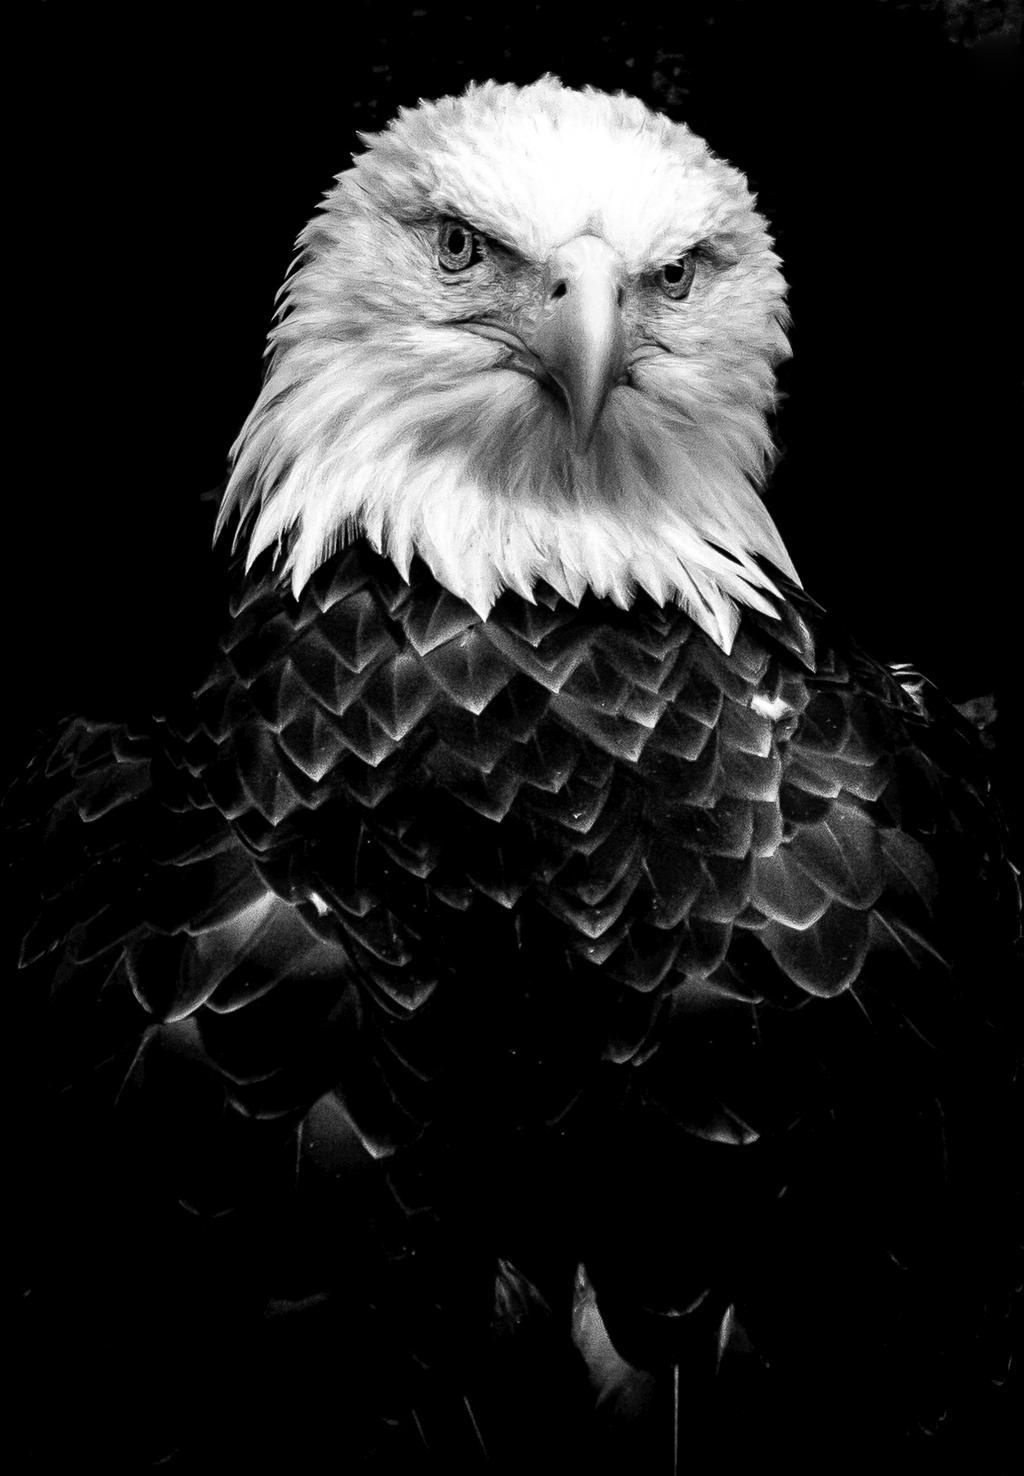 Eagle BW by nigel3